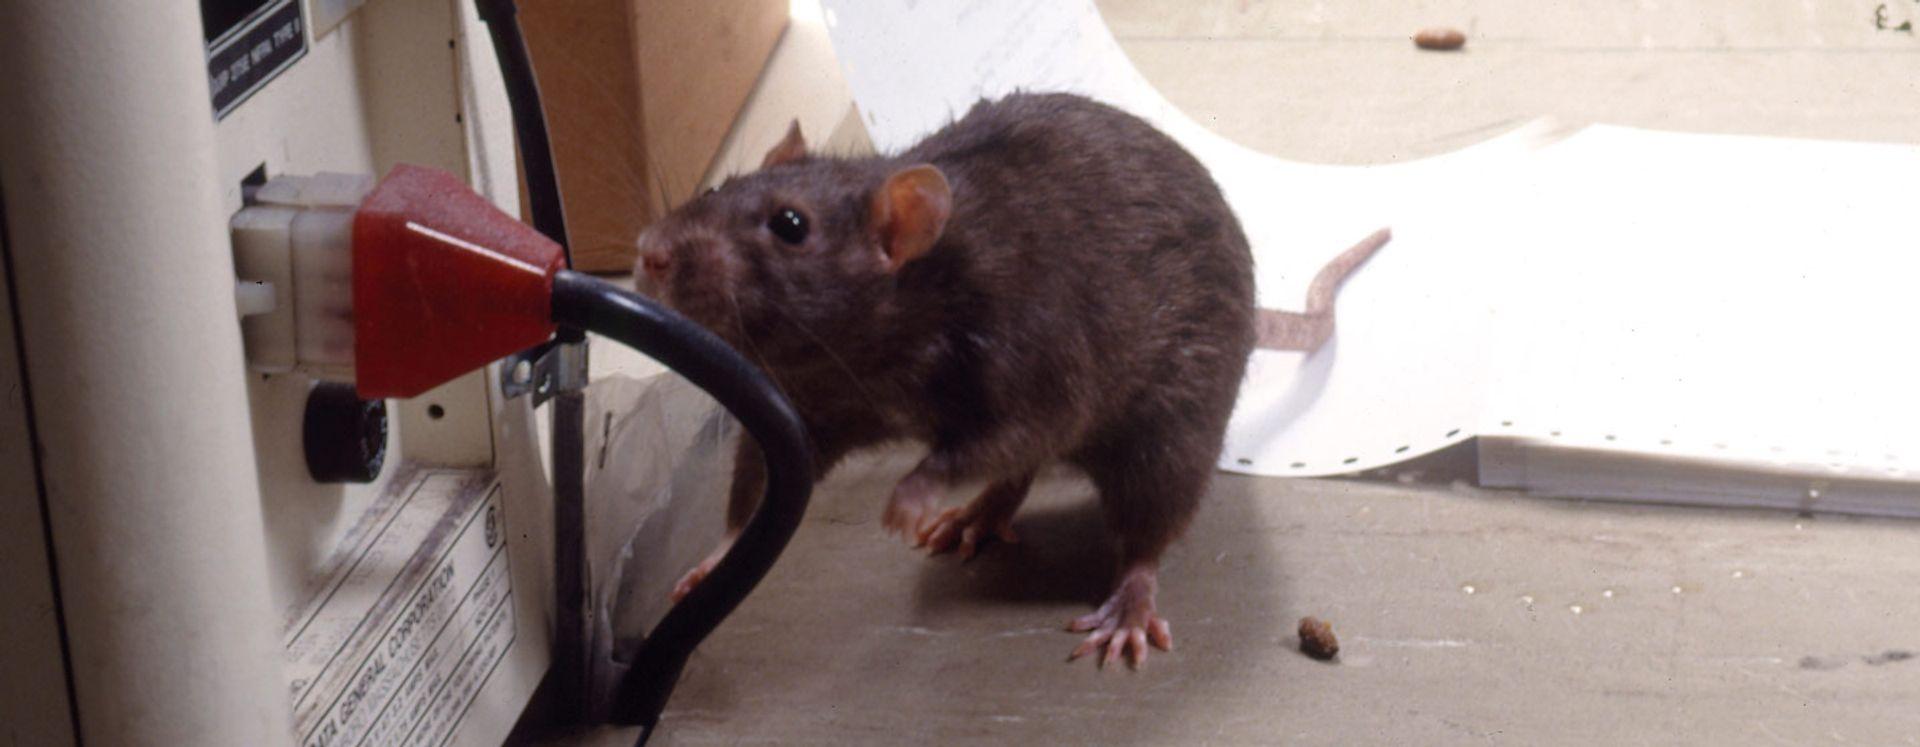 Nedlukning pga rotter er en dyr omgang - Lad os hjælpe dig med forebyggelse Anticimex 69151744